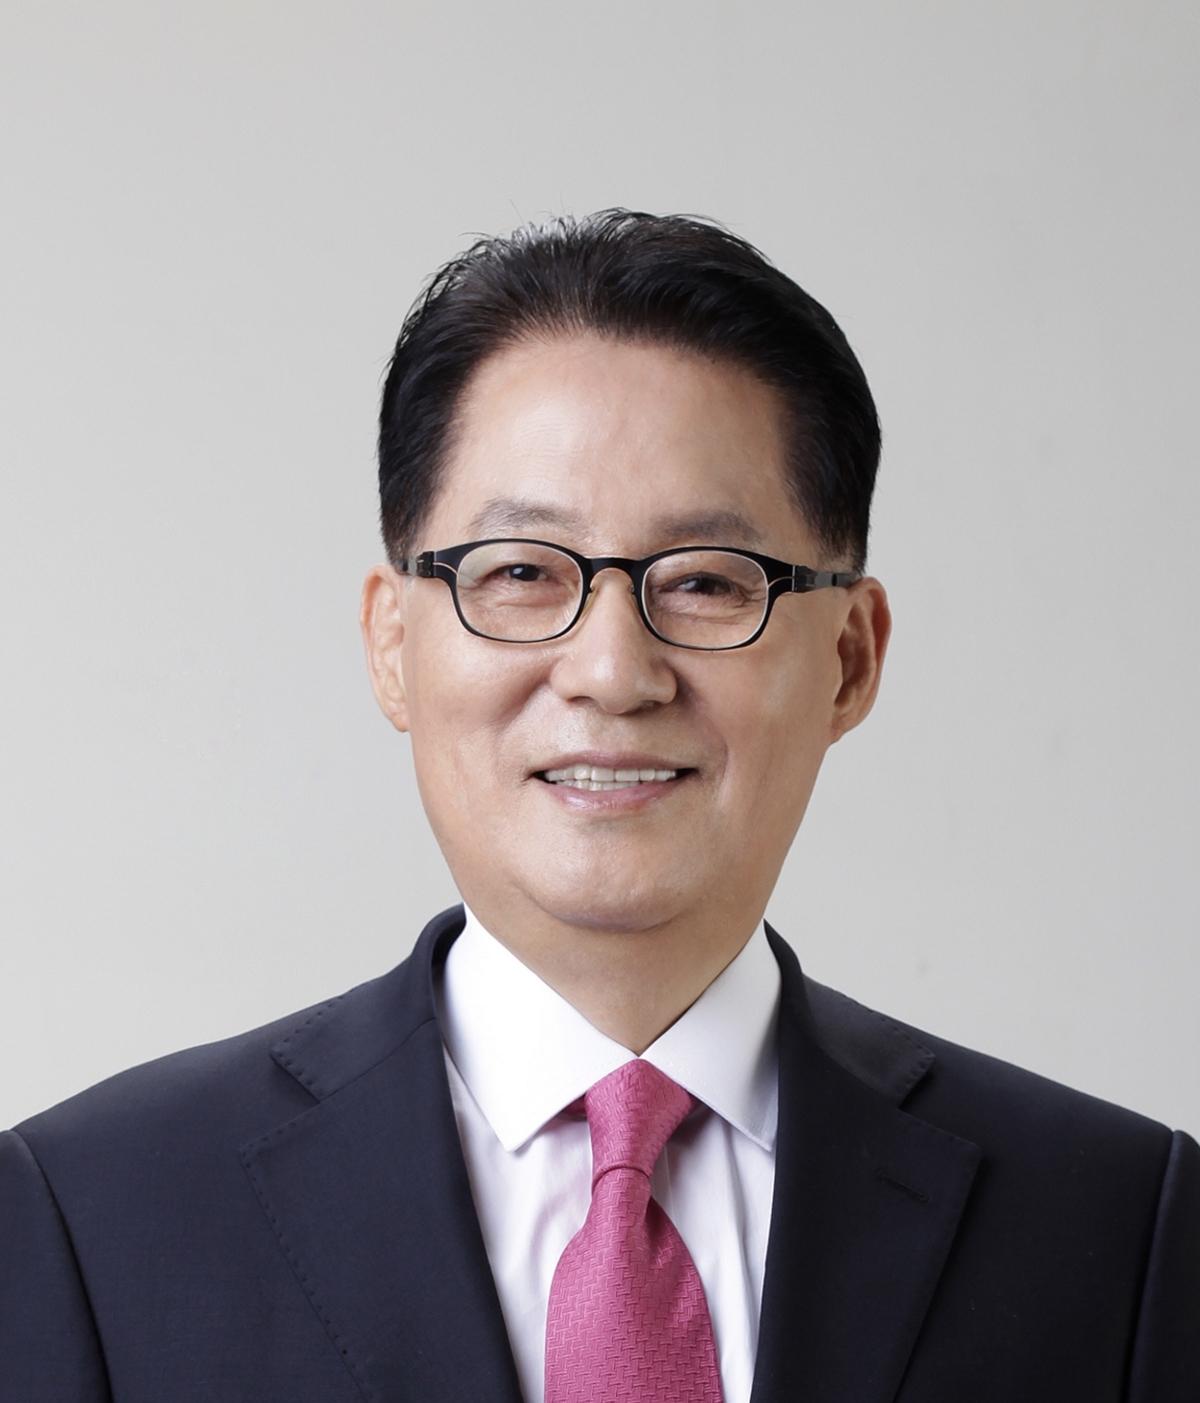 박지원 국정원장 내정자(청와대 제공)